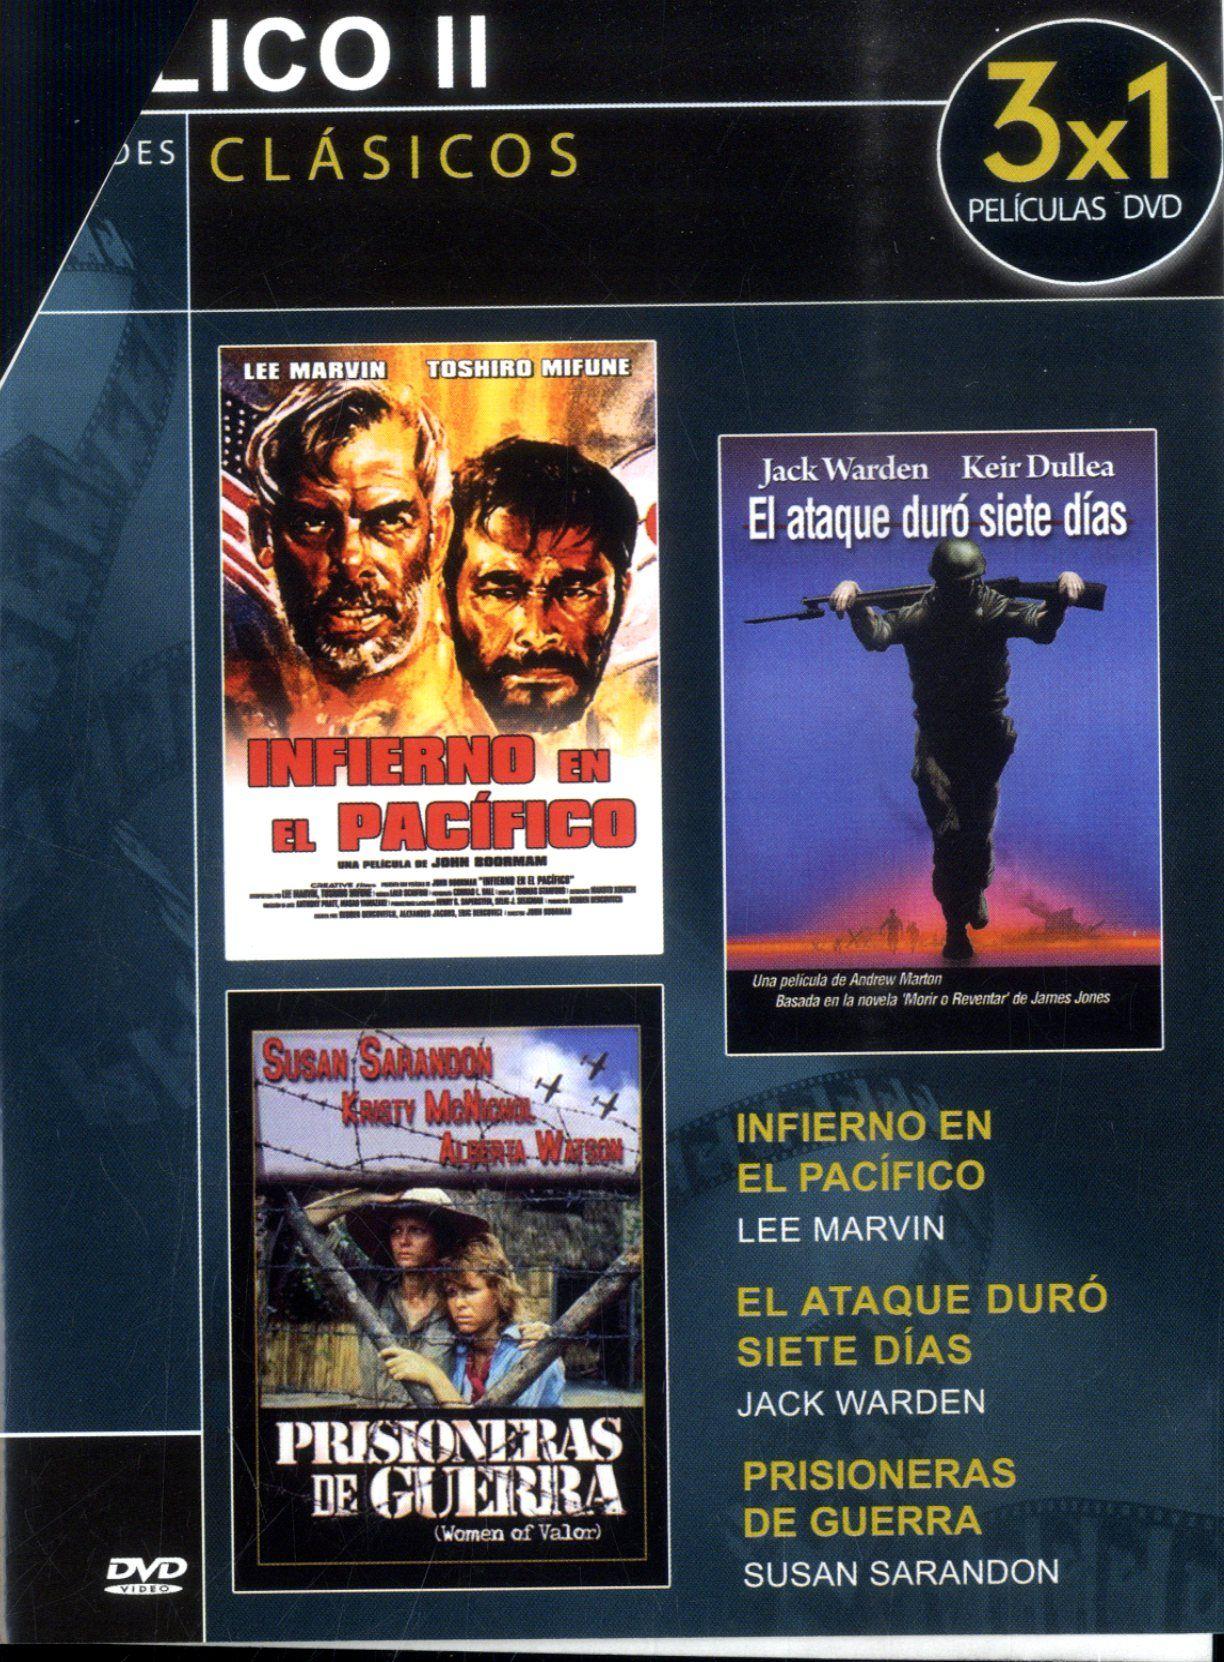 Infierno en el Pacífico [Vídeo] / director John Boorman. El ataque duró siete días / director Andrew Marton. Prisioneras de guerra / director Buzz Kulik. Signatura: Cine (ARQ) 346   Na biblioteca: http://kmelot.biblioteca.udc.es/record=b1531109~S1*gag